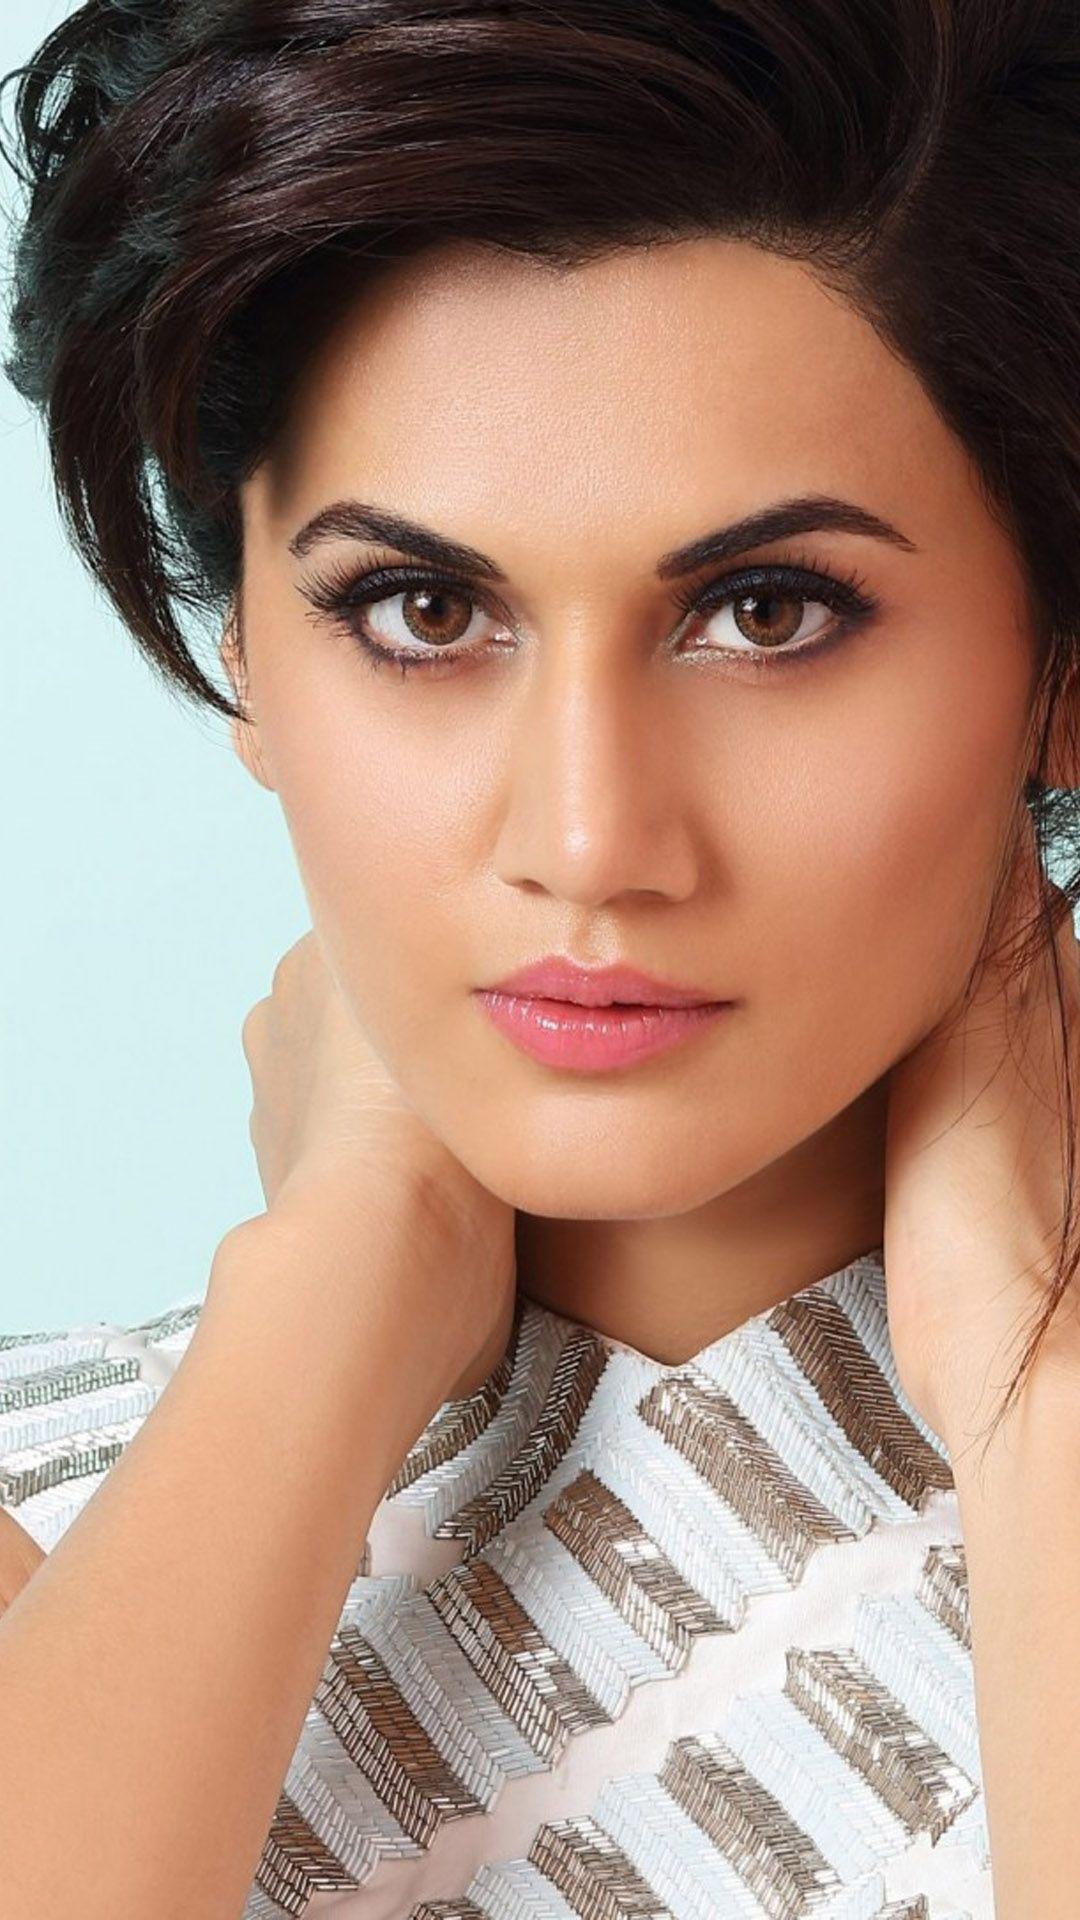 Pin On Indian Actress Wallpaper